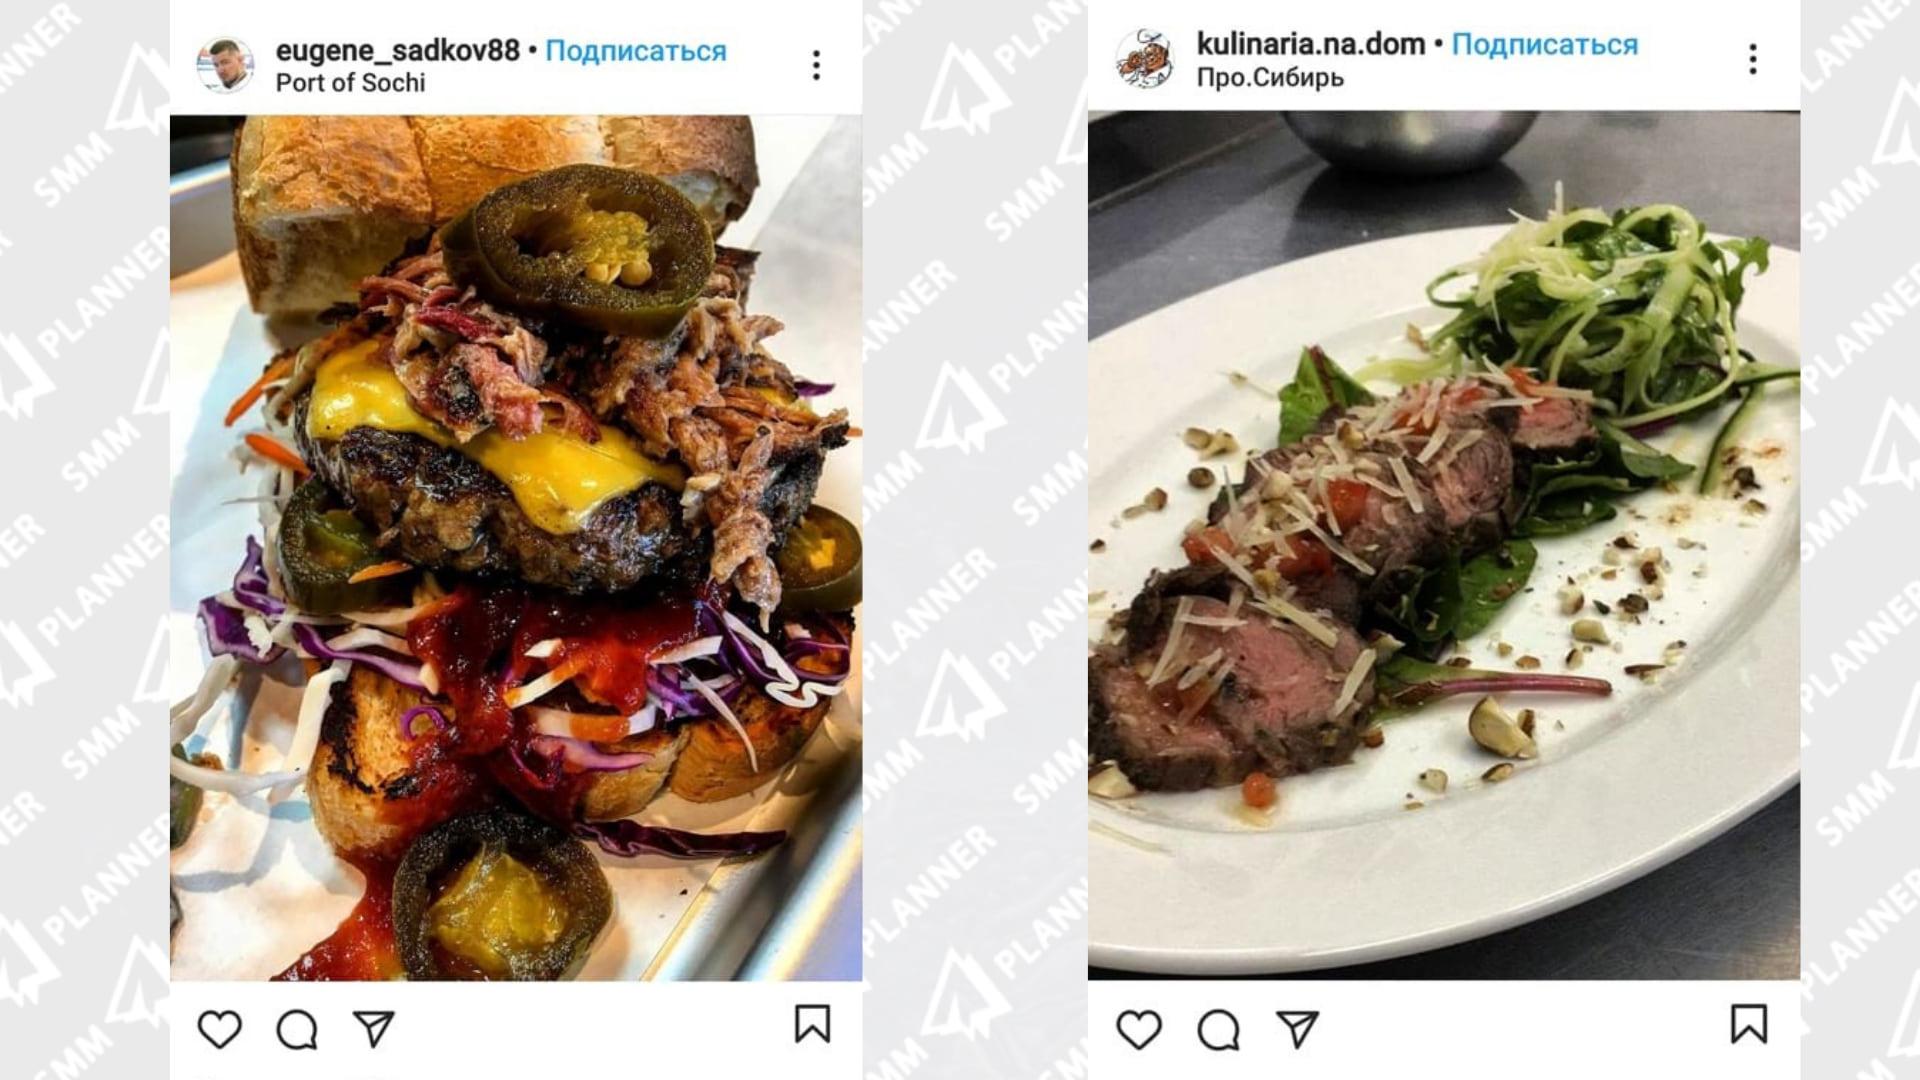 Еда в профиле мужчин отличается от той, которую публикуют дамы. Здесь больше масла, жареного и безусловно аппетитного мяса